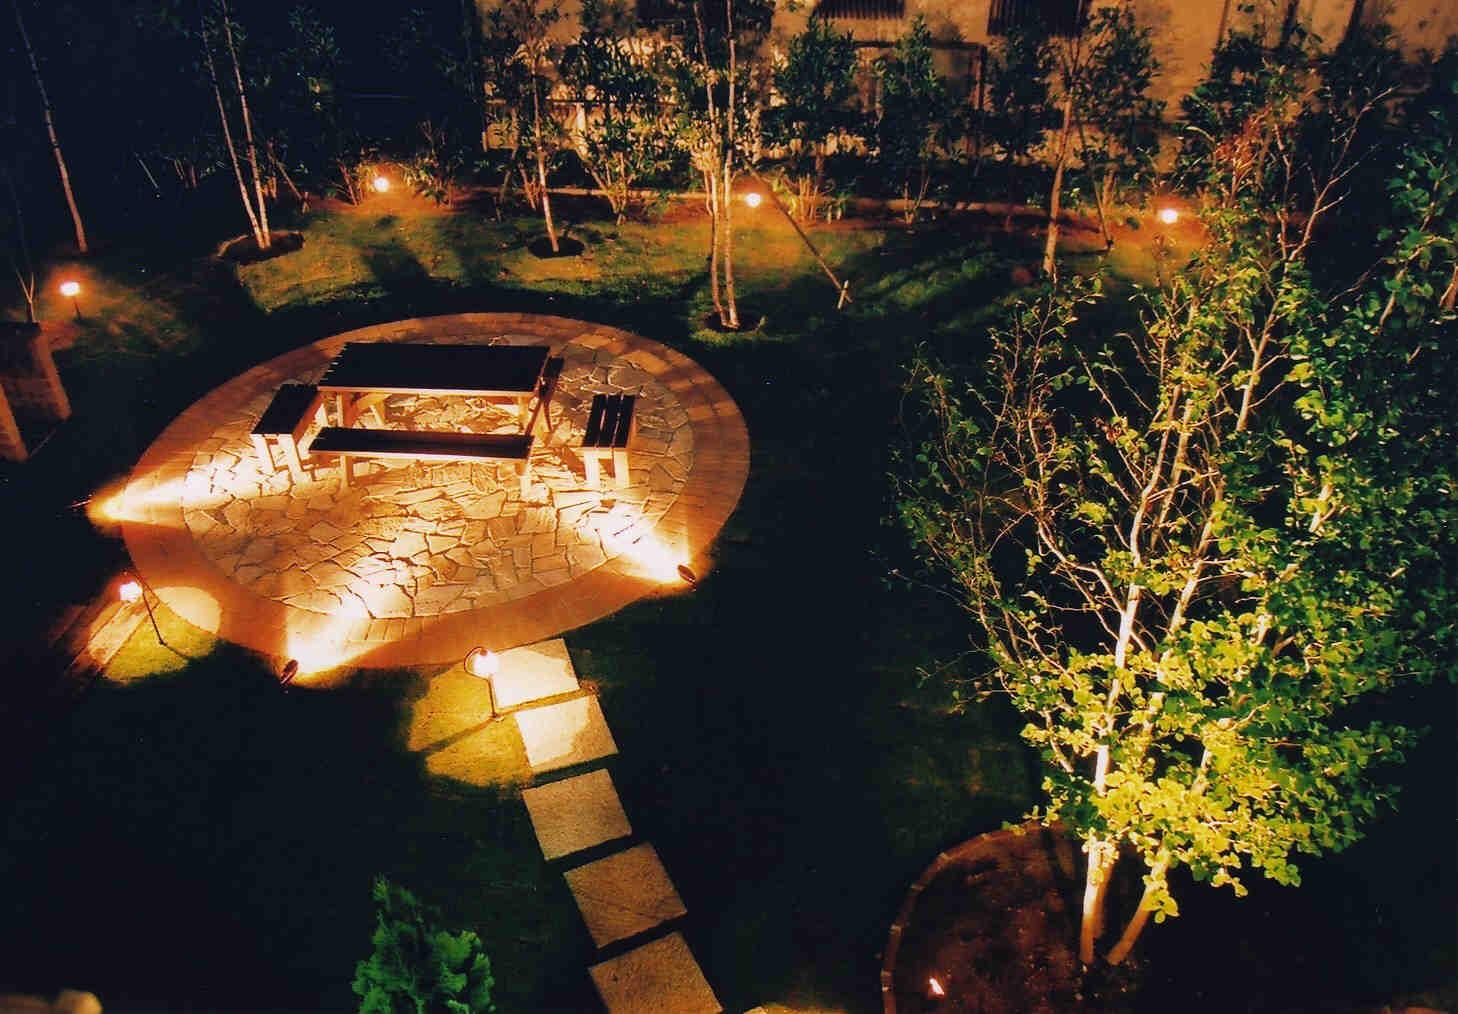 ガーデニングに照明は庭を美しく演出する効果大。選ぶならこんな照明のサムネイル画像